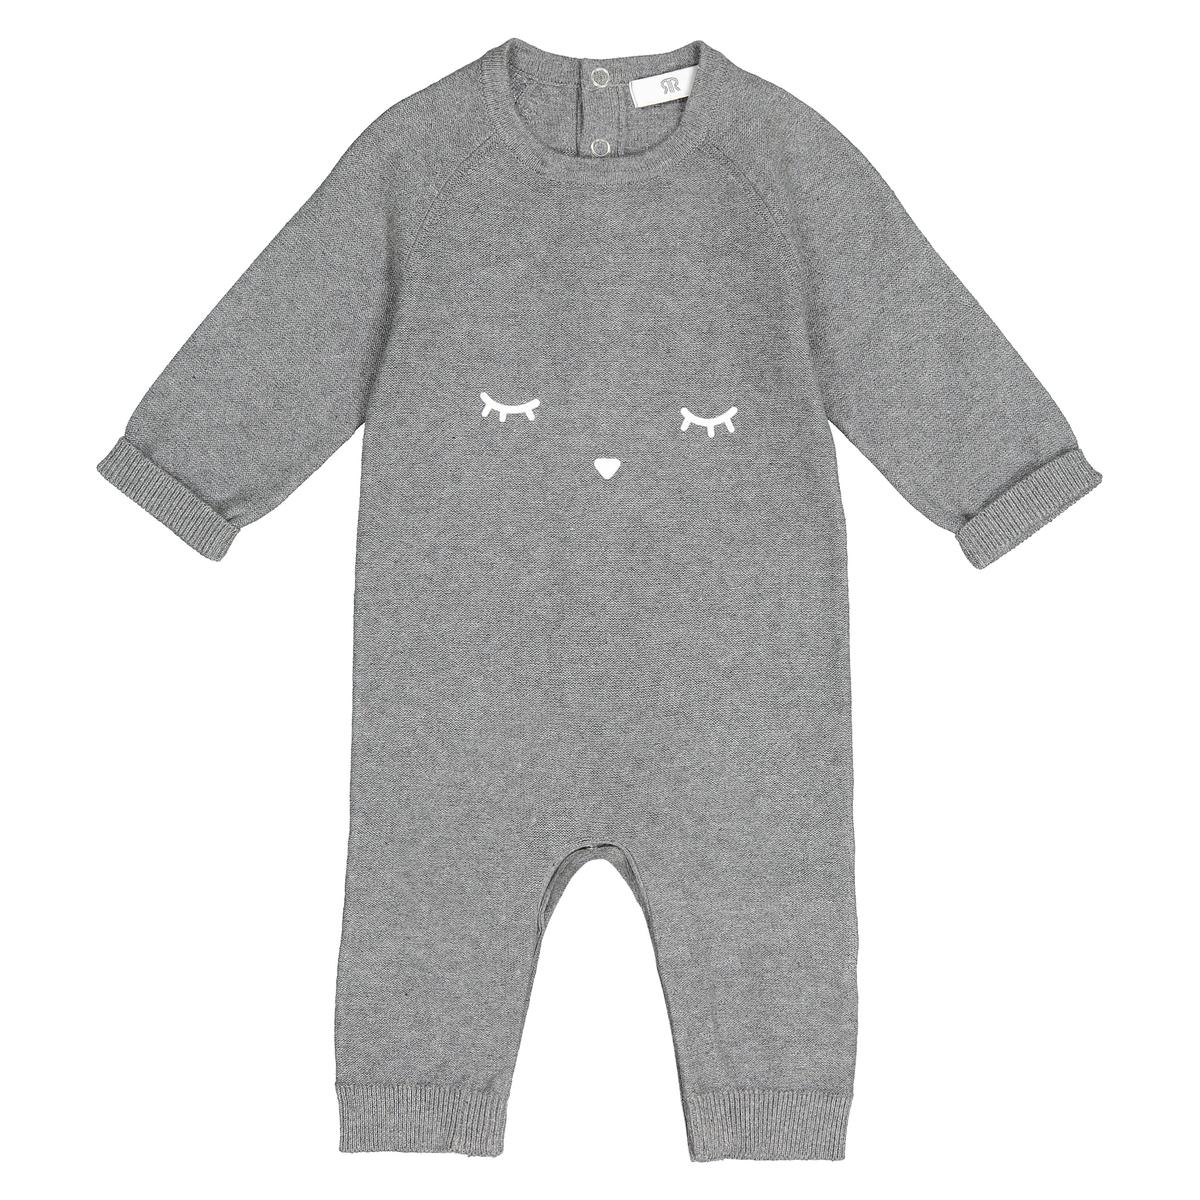 Комбинезон La Redoute С принтом спереди мес 1 год - 74 см серый футболка с принтом 1 мес 4 лет